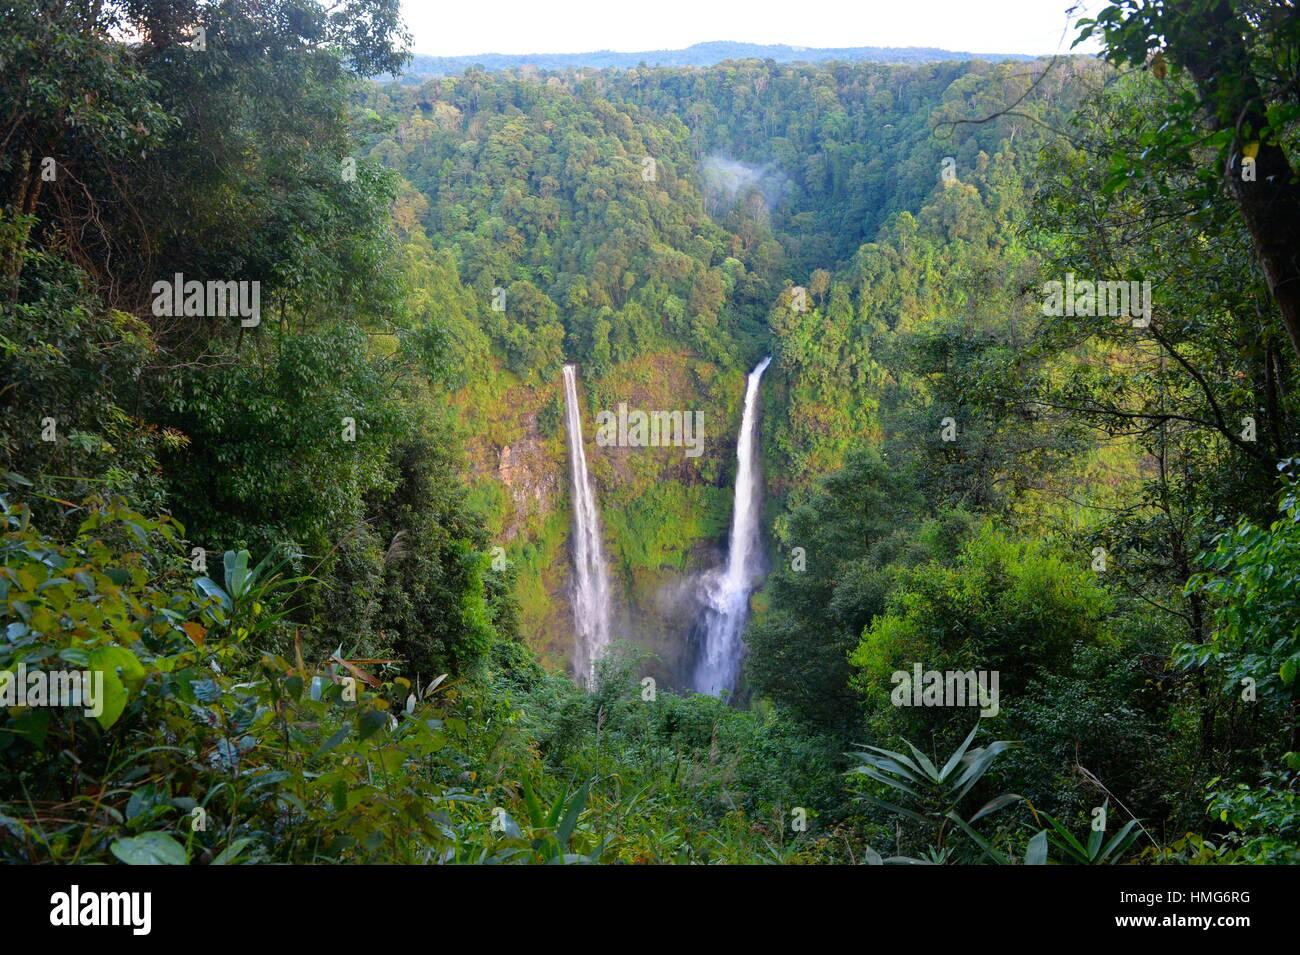 Cascade de Tad Fane, Boloven, Laos, Asie du Sud Est. Photo Stock